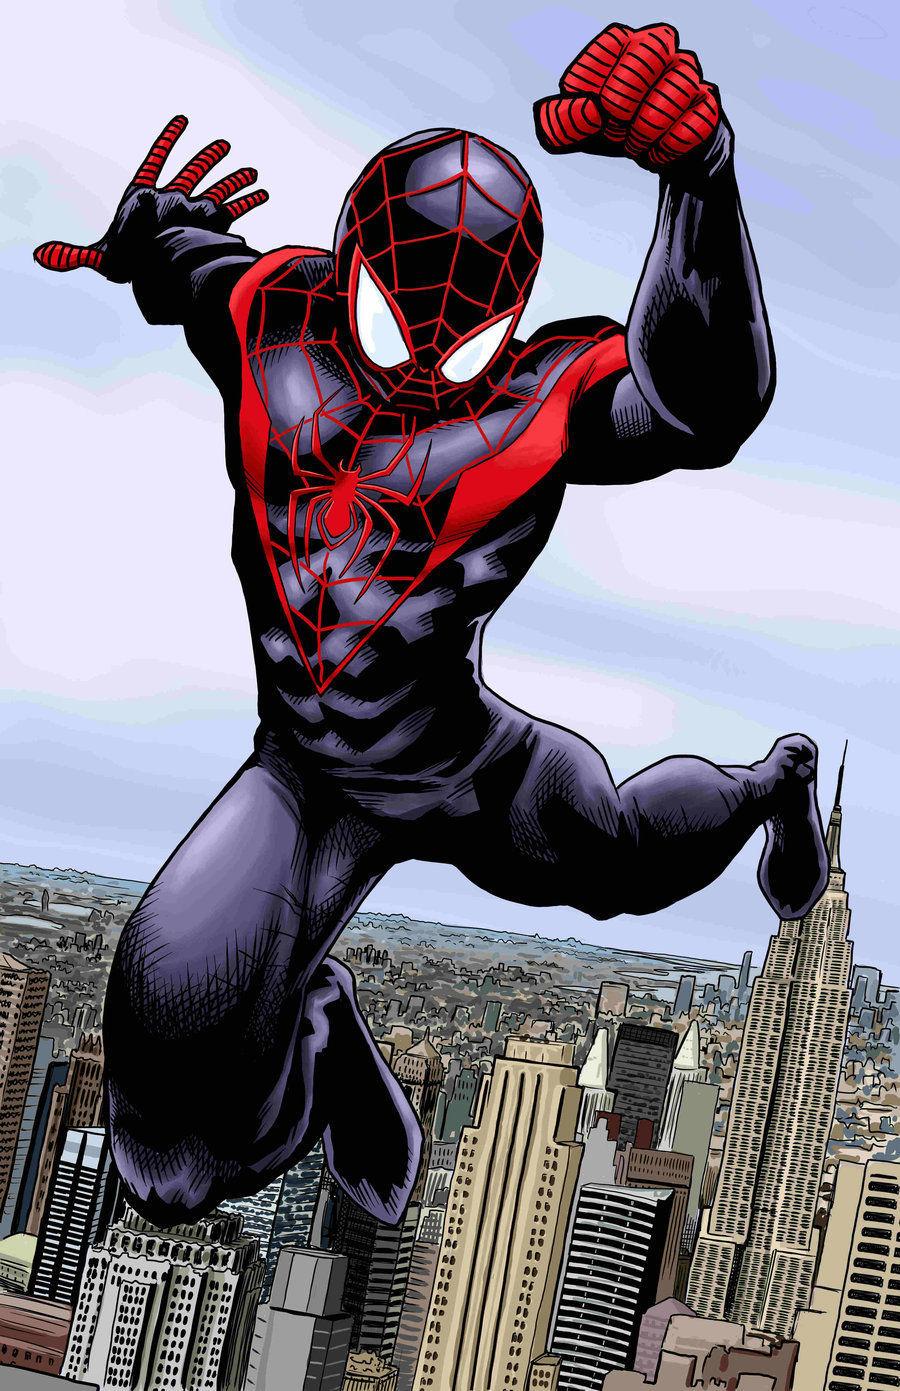 ¿En el universo ultimate, quién se convirtió en el nuevo Spiderman tras la muerte de Peter Parker?